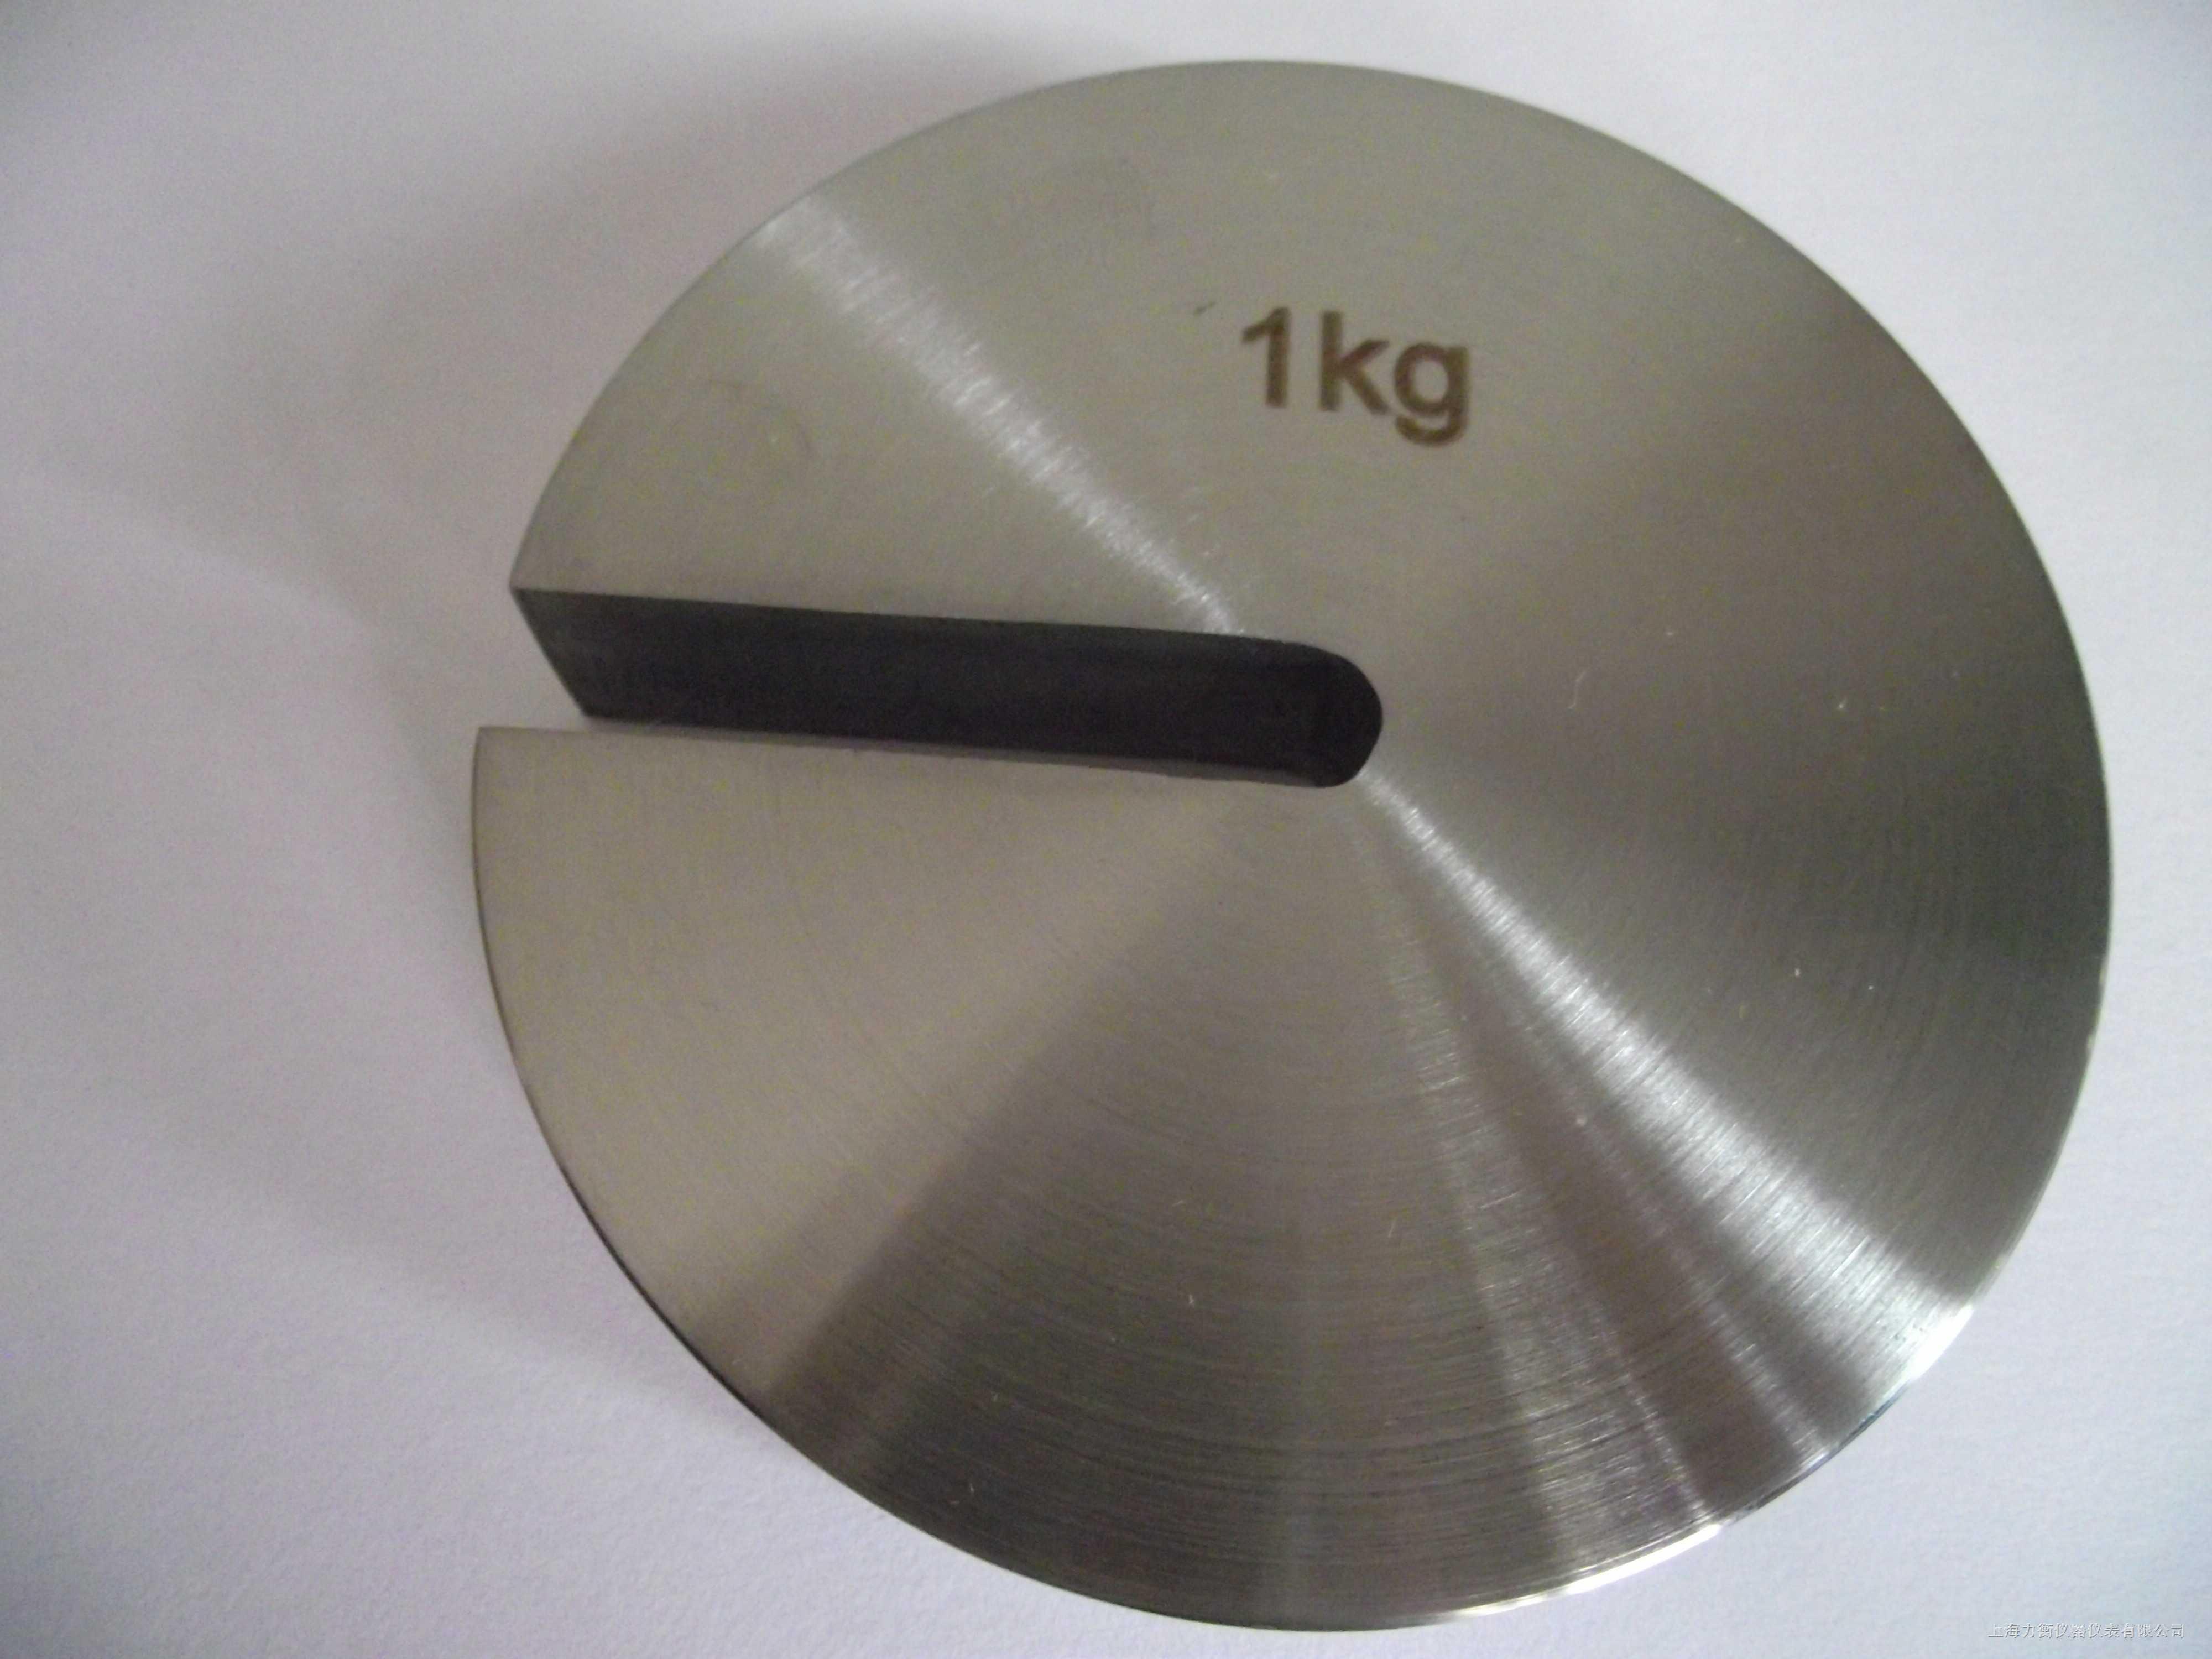 1kg 不锈钢砝码(增砣)